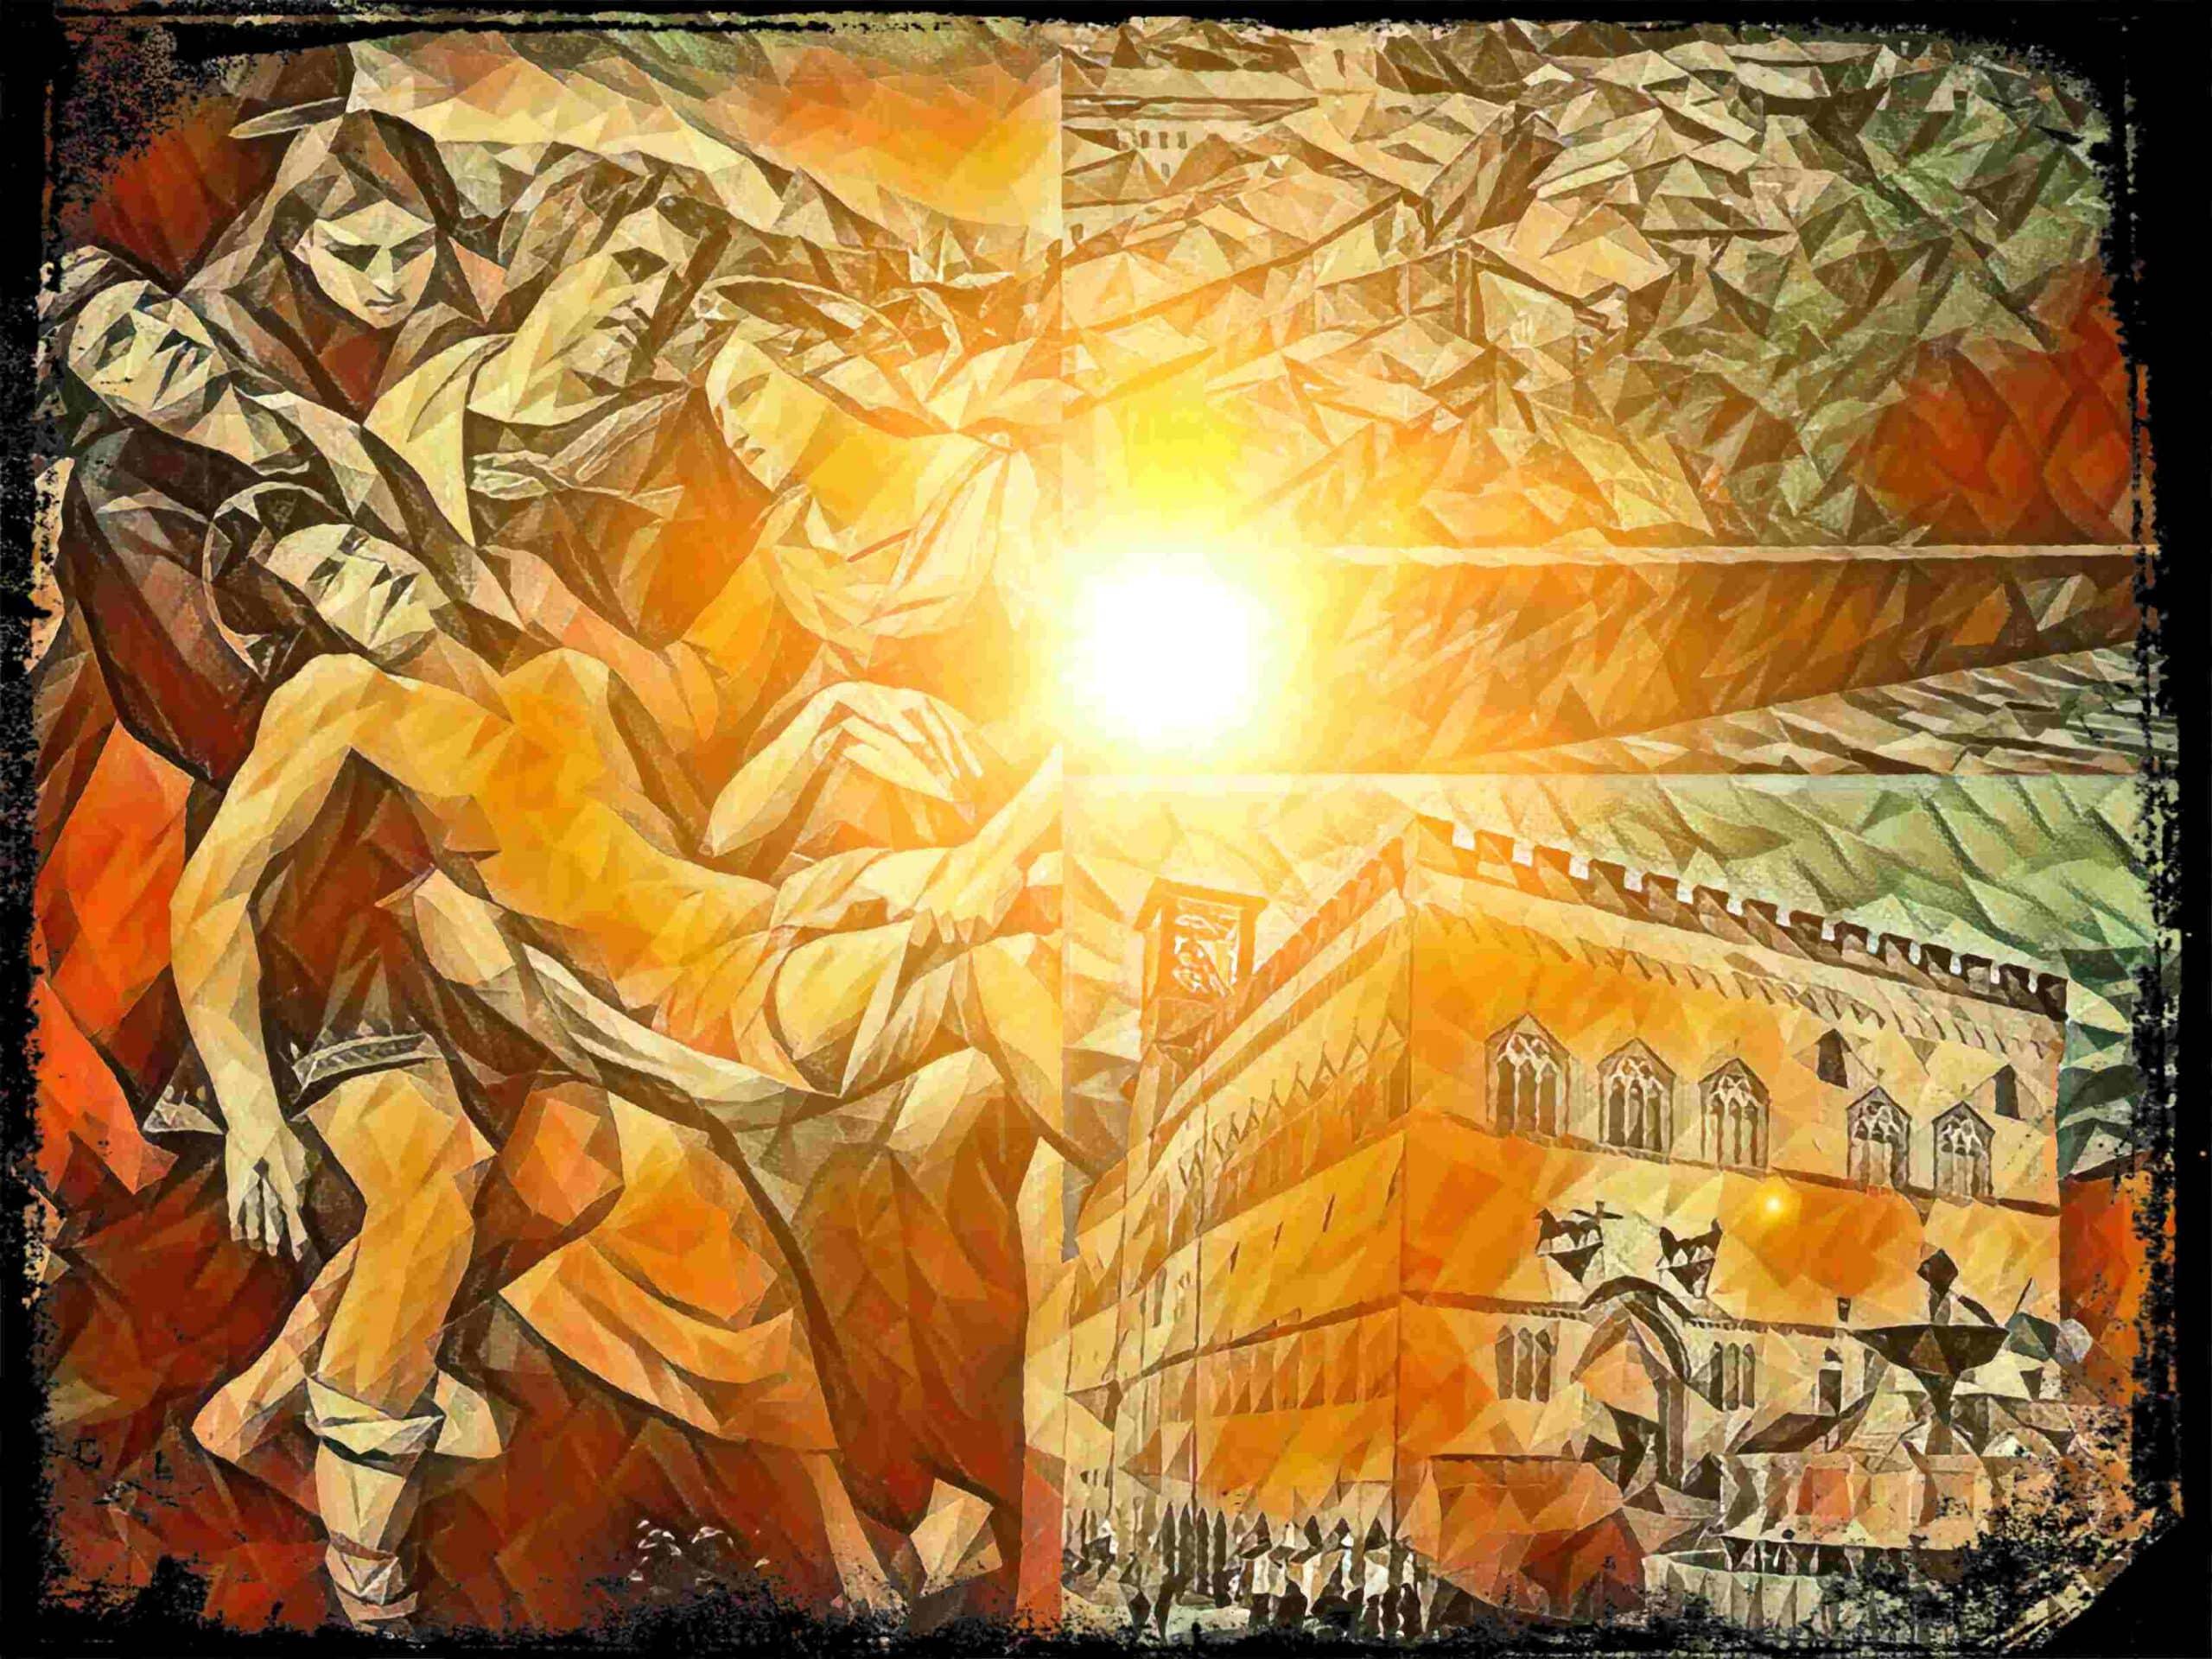 De dodelijke rivaliteit tussen de families Baglioni en Oddi. Hoe een schilderij een verhaal kan vertellen.